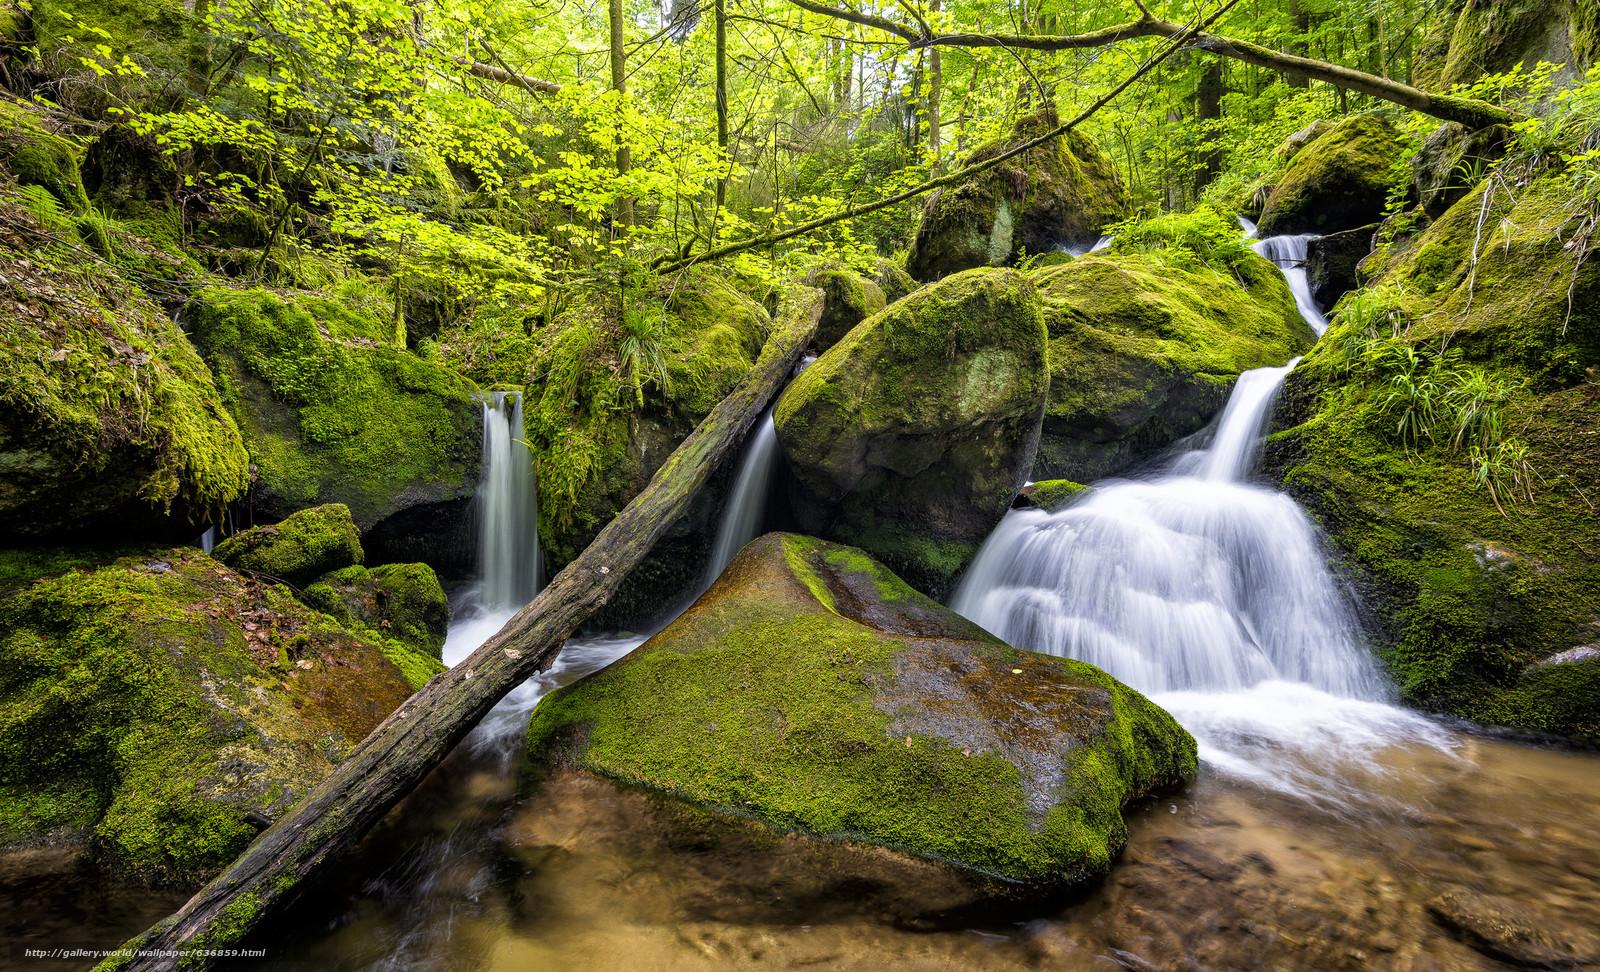 Скачать обои Gertelbach,  Black Forest,  Germany,  лес бесплатно для рабочего стола в разрешении 2048x1244 — картинка №636859